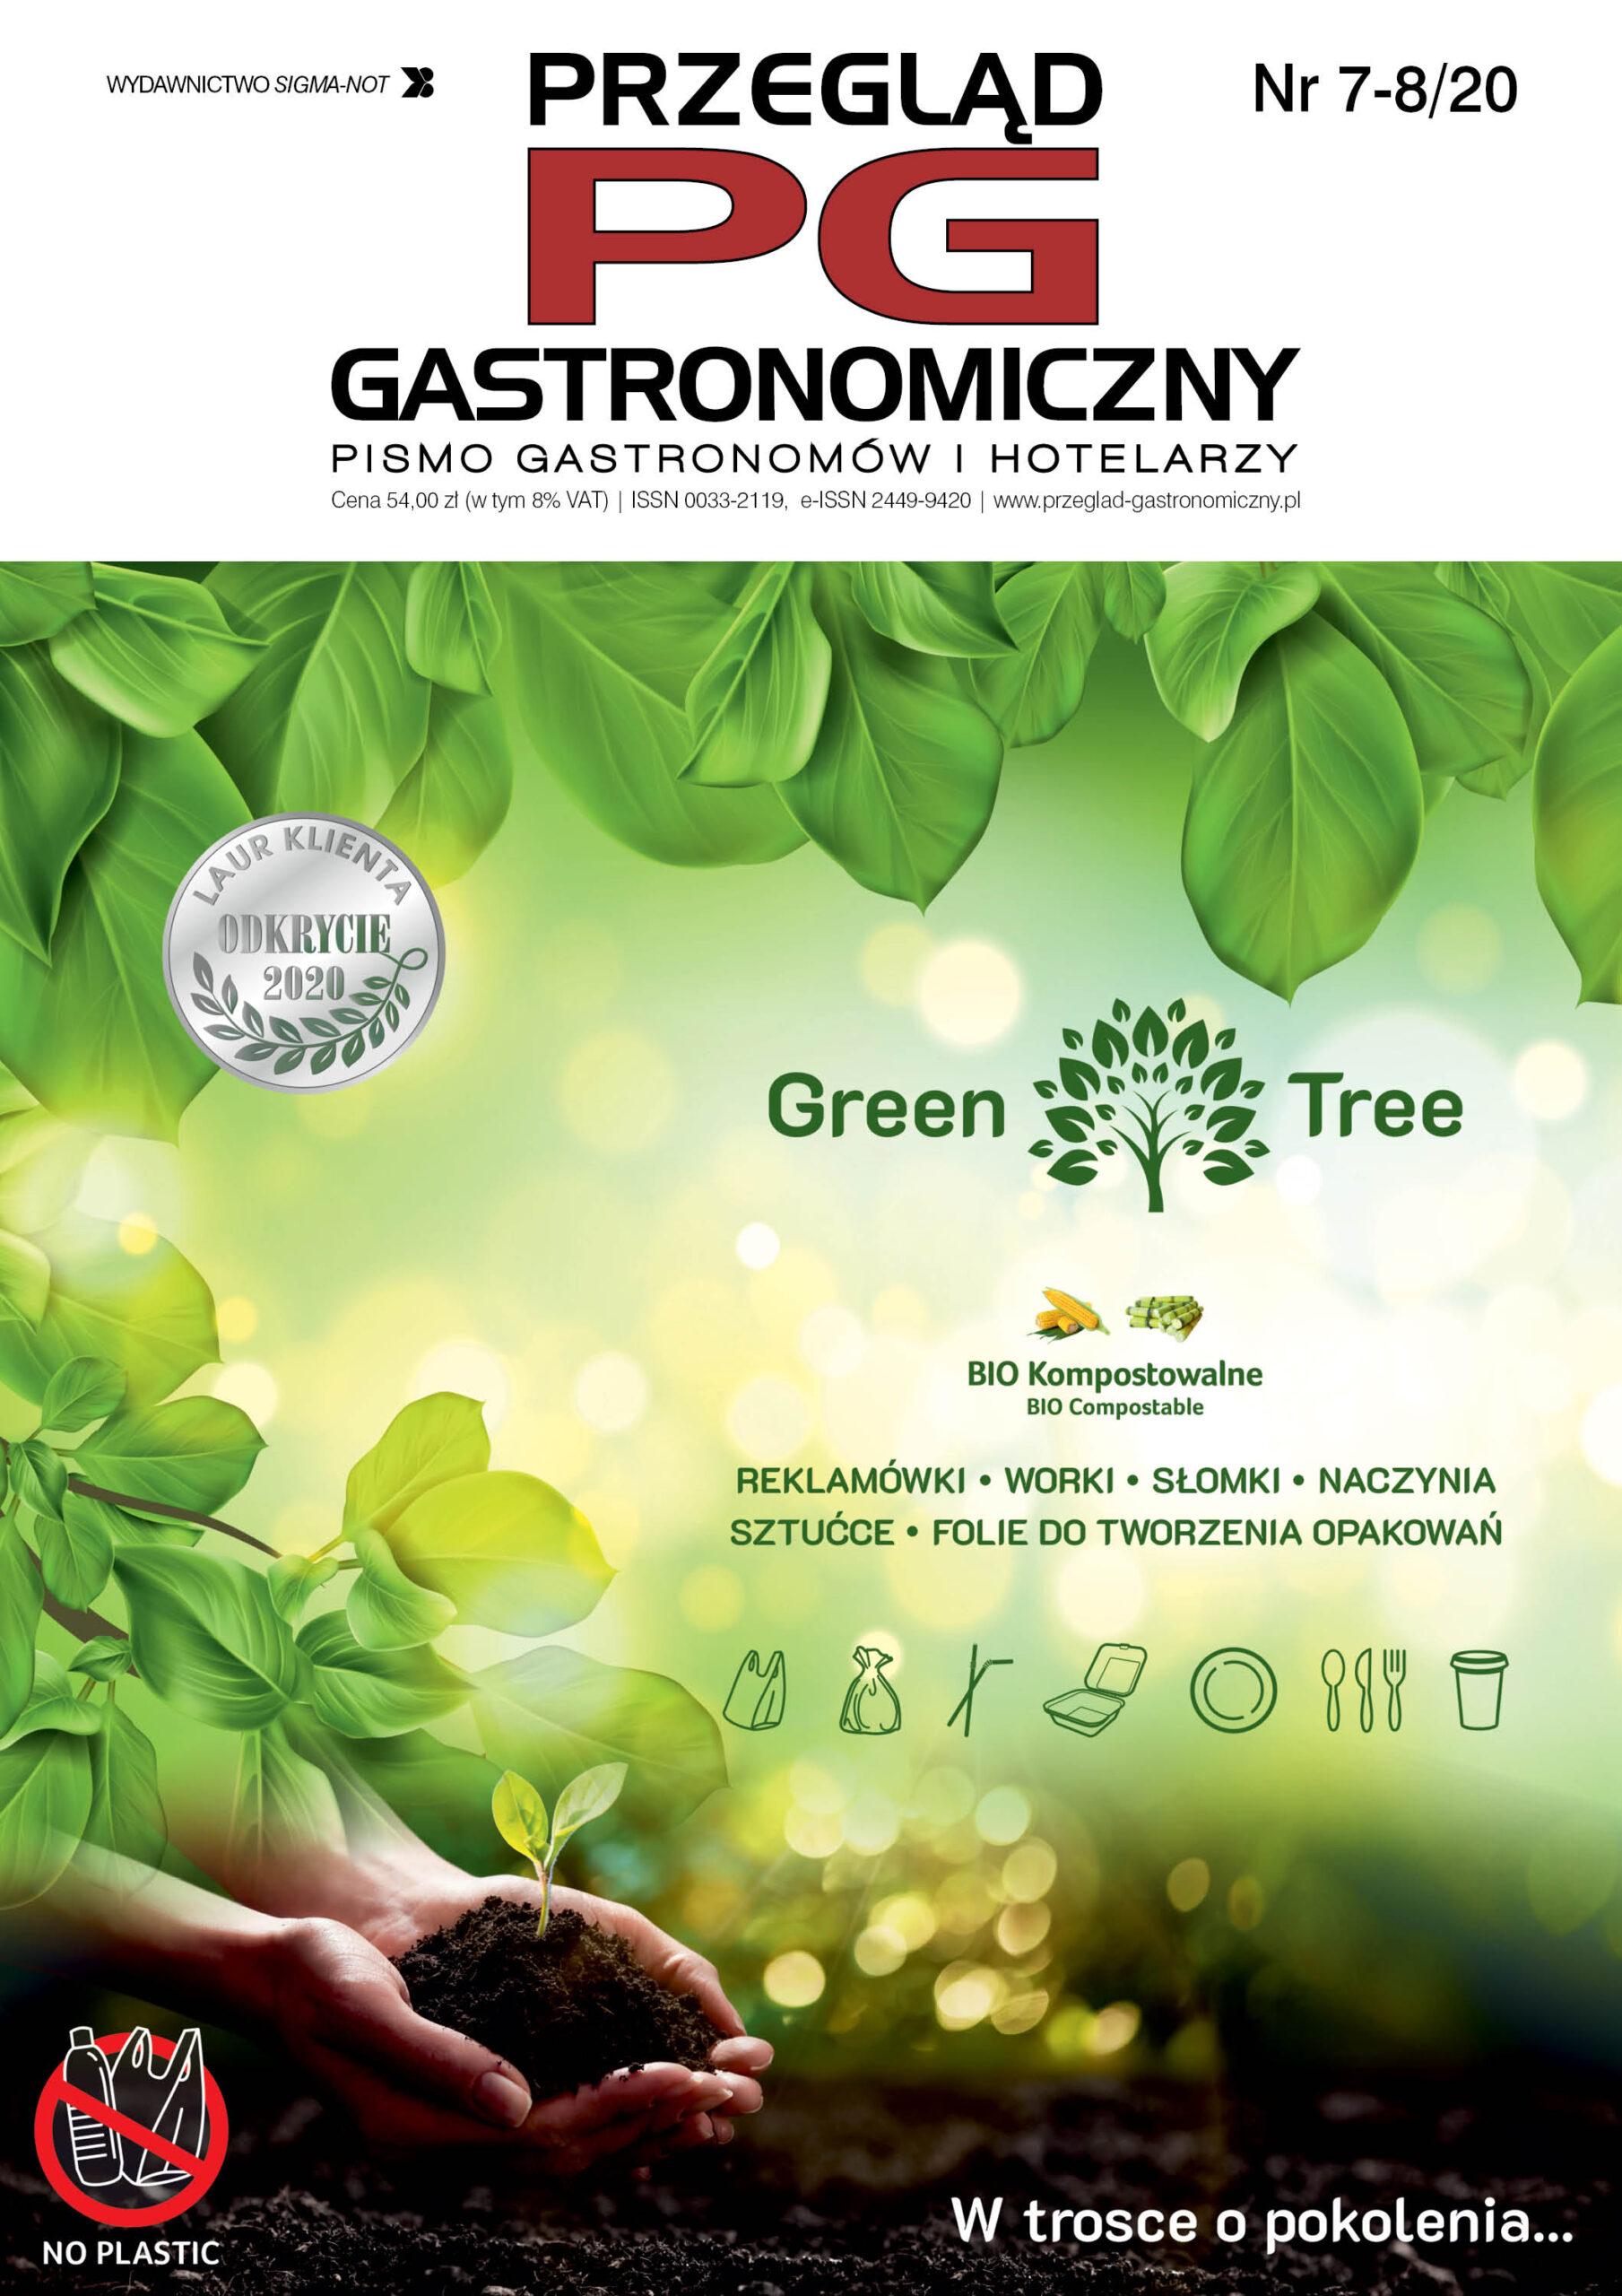 Przegląd Gastronomiczny 07-08.2020